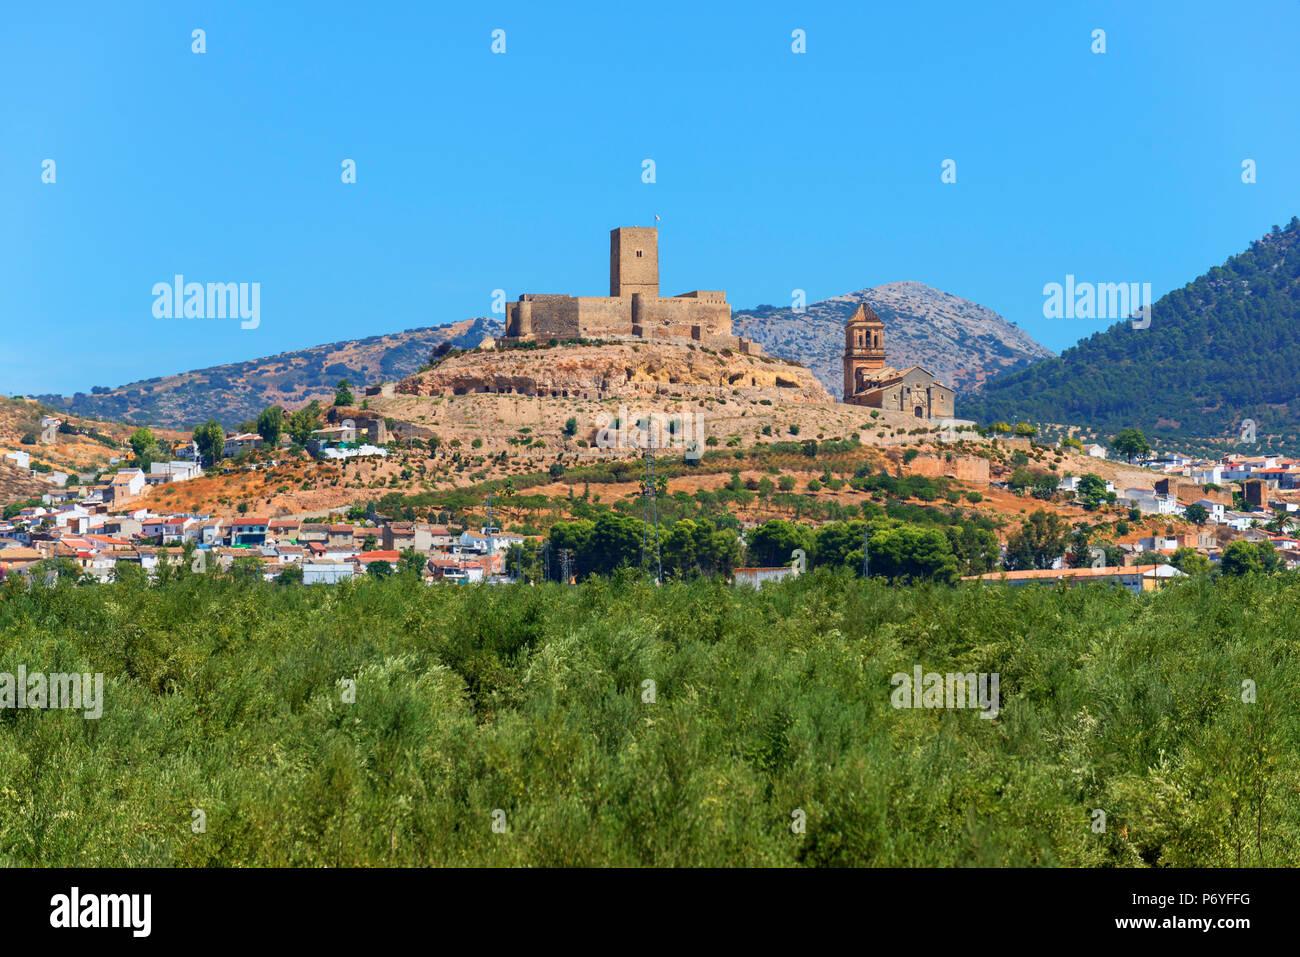 Ver en Alcaudete con castillo, Andalucía, España Imagen De Stock